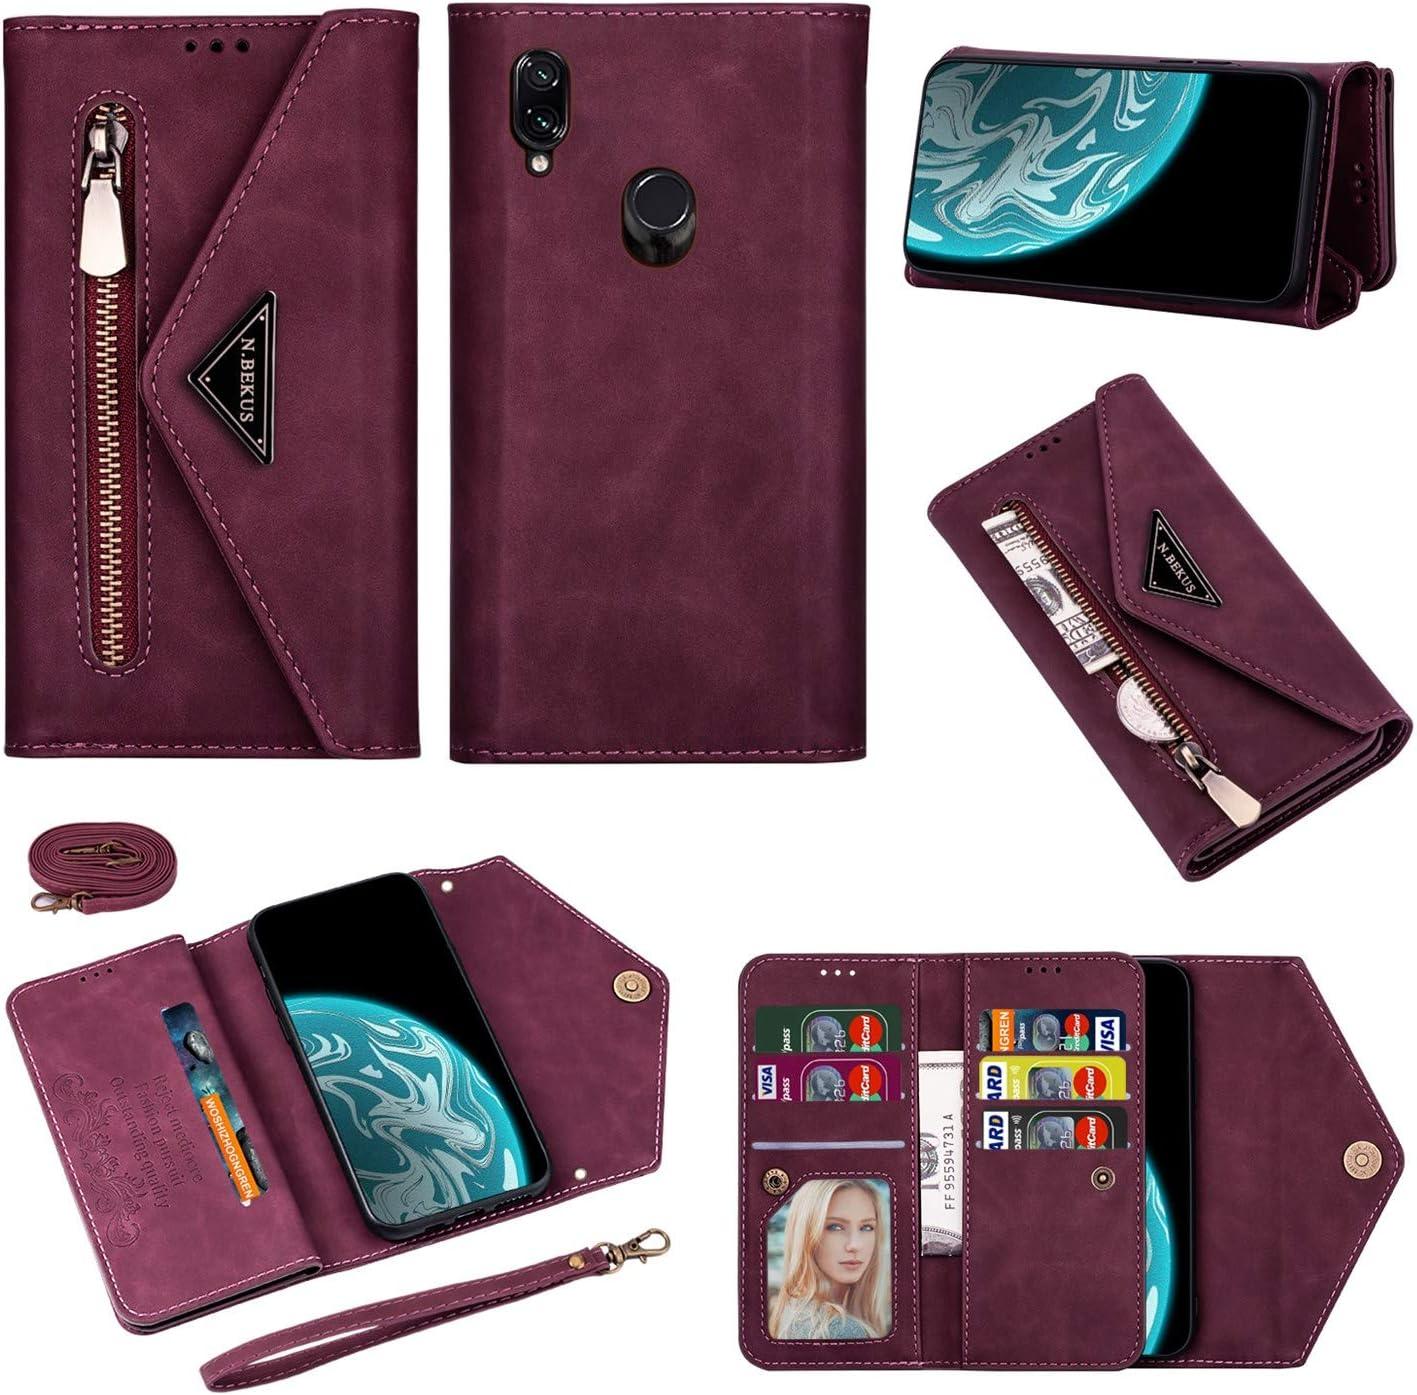 nicht f/ür Redmi 7 Vepbk Brieftasche H/ülle f/ür Xiaomi Redmi Note 7 Handyh/ülle Handytasche Case H/ülle Leder Geldb/örse Tasche mit Rei/ßverschluss Kartenfach Umh/ängeband Wallet Cover Klapph/ülle,Blau